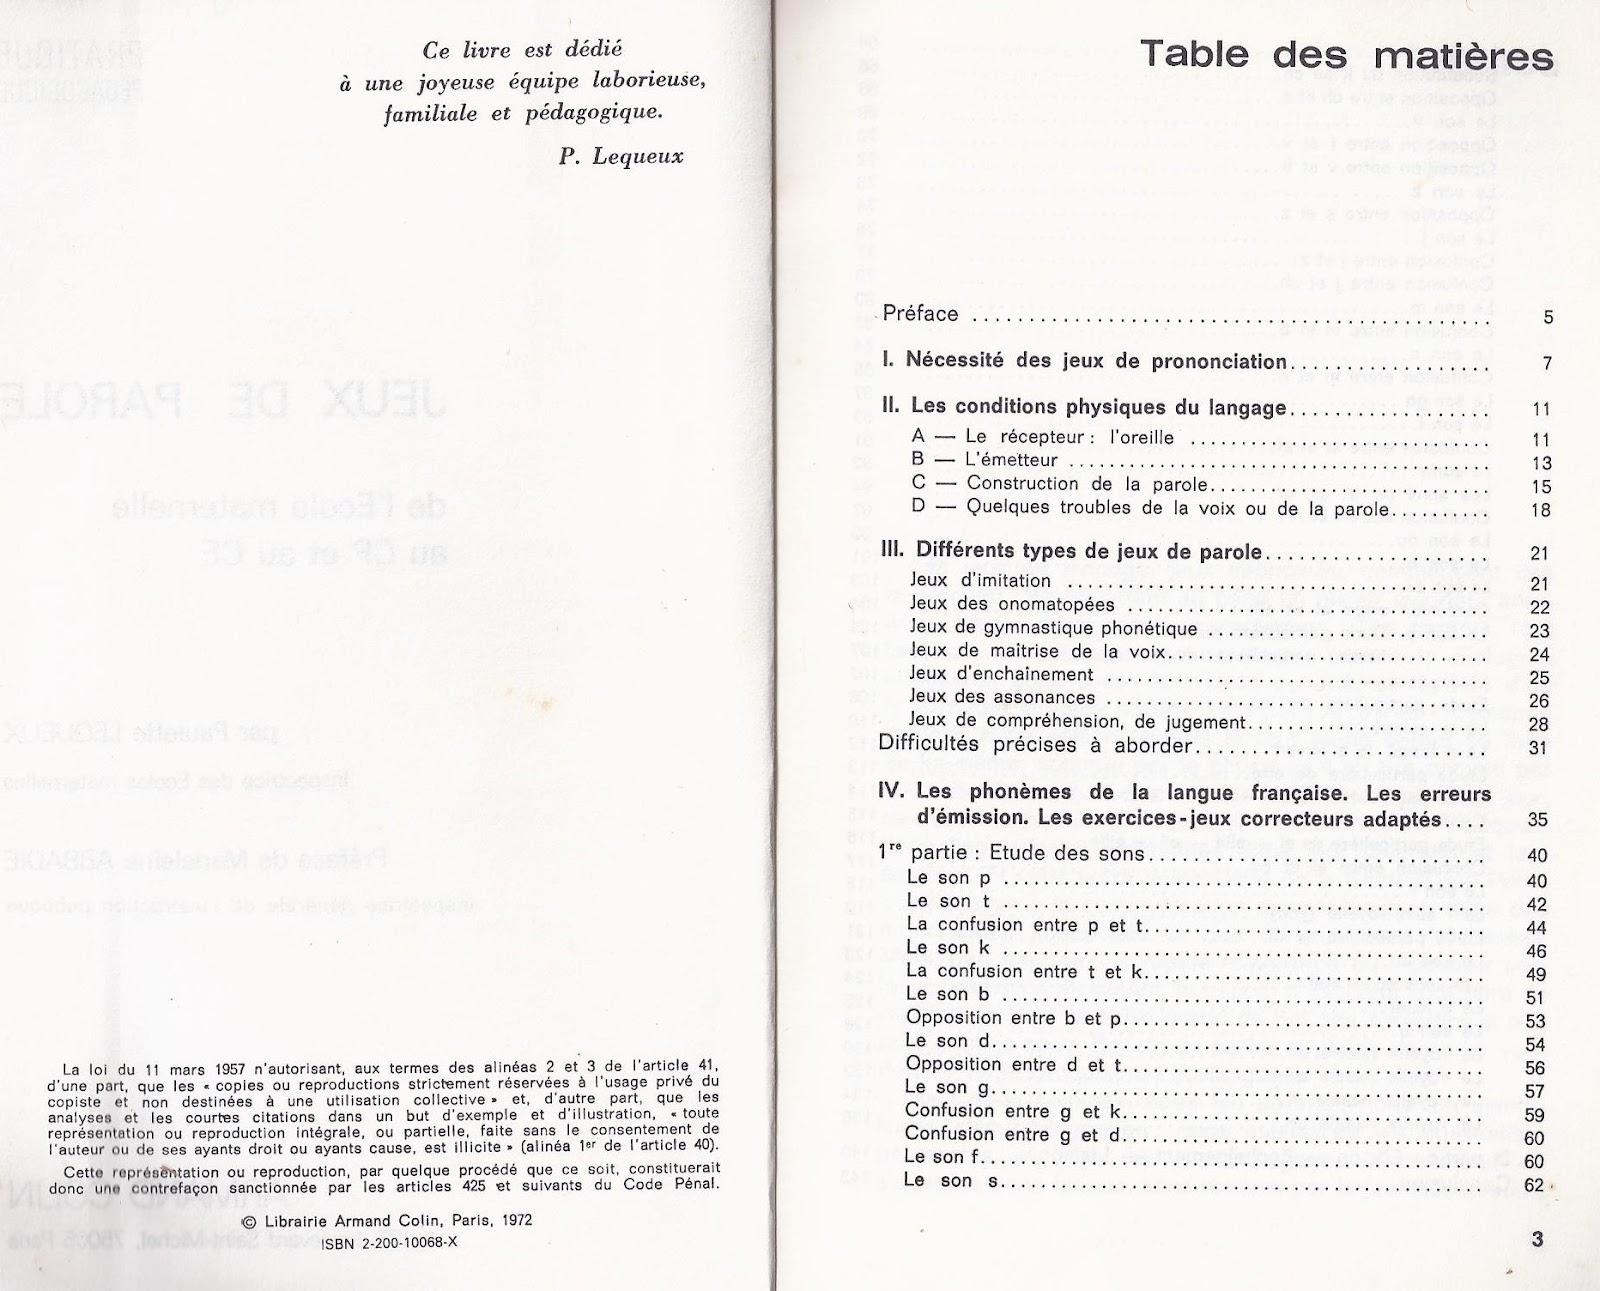 Super Manuels anciens: Paulette Lequeux, Jeux de parole, maternelle-CP  EC29